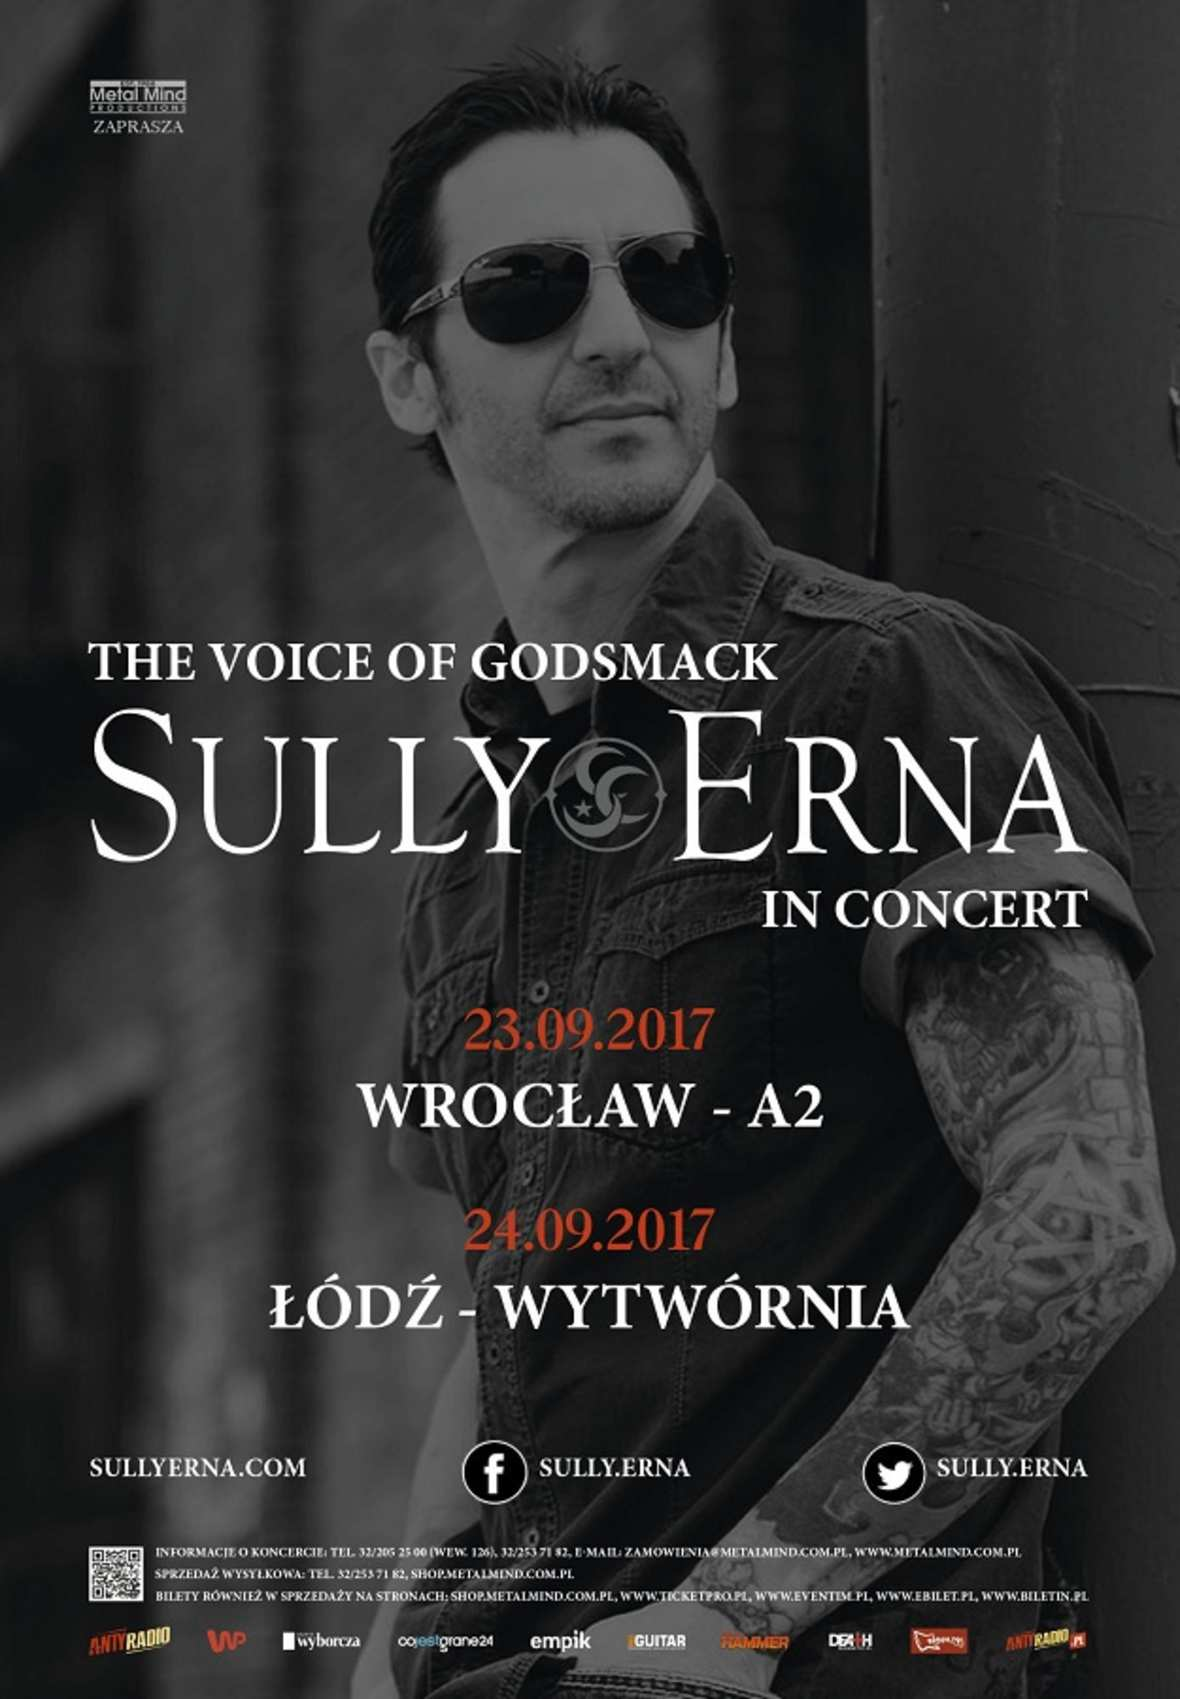 Sully-Erna-z-Godsmack-zagra-dwa-koncerty-w-2017_article